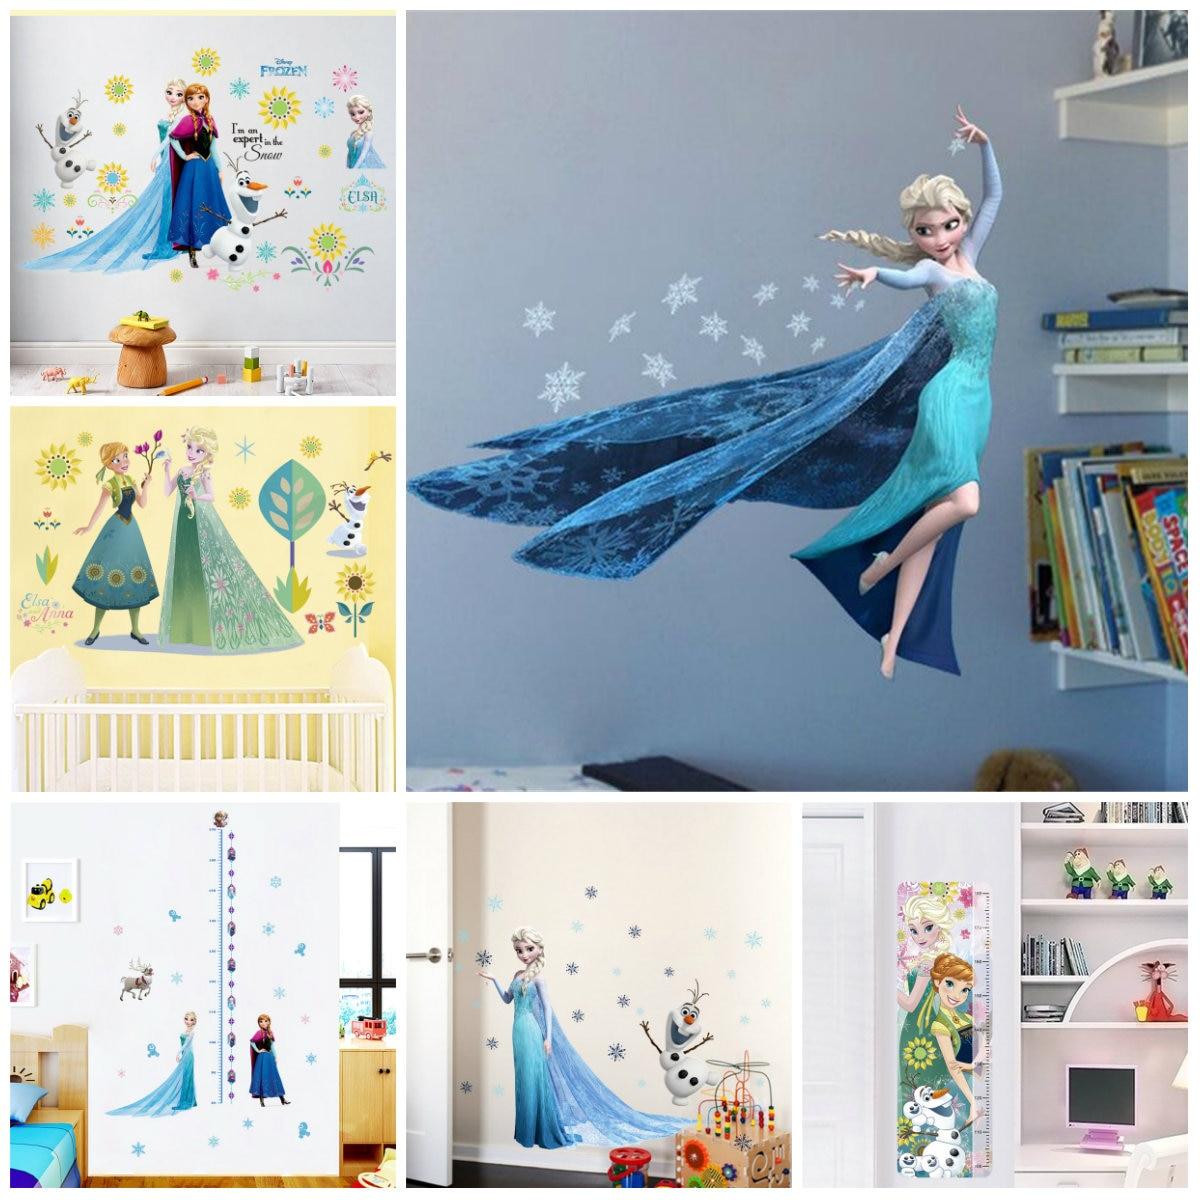 만화 diy 엘사 안나 냉동 공주 벽 스티커 여자 방 홈 인테리어 애니메이션 벽화 아트 영화 포스터 키즈 벽 데칼